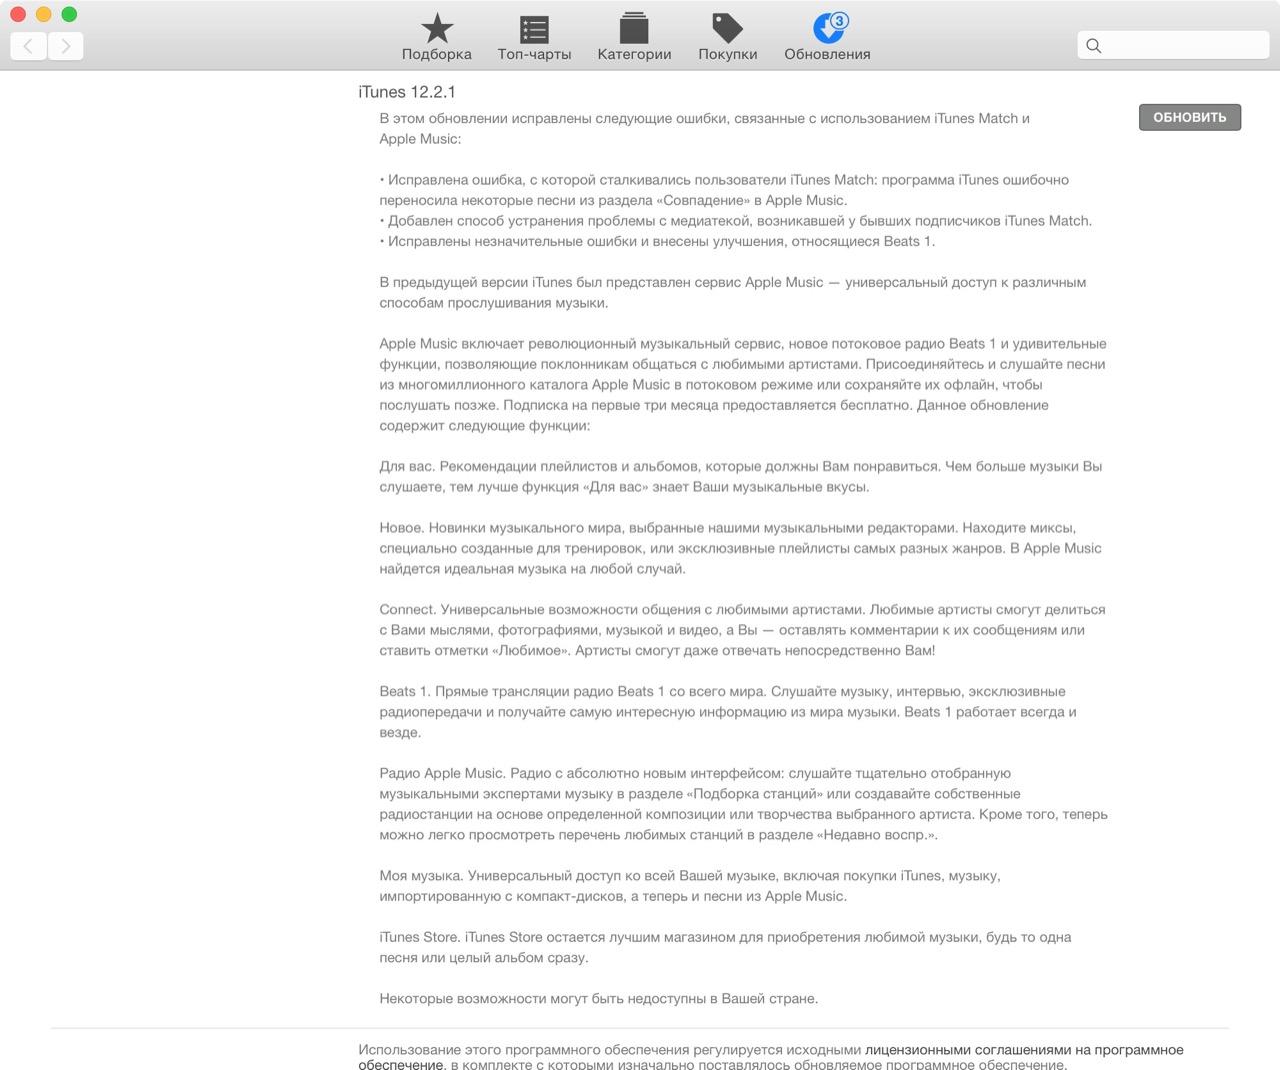 Информация об iTunes 02.2.1